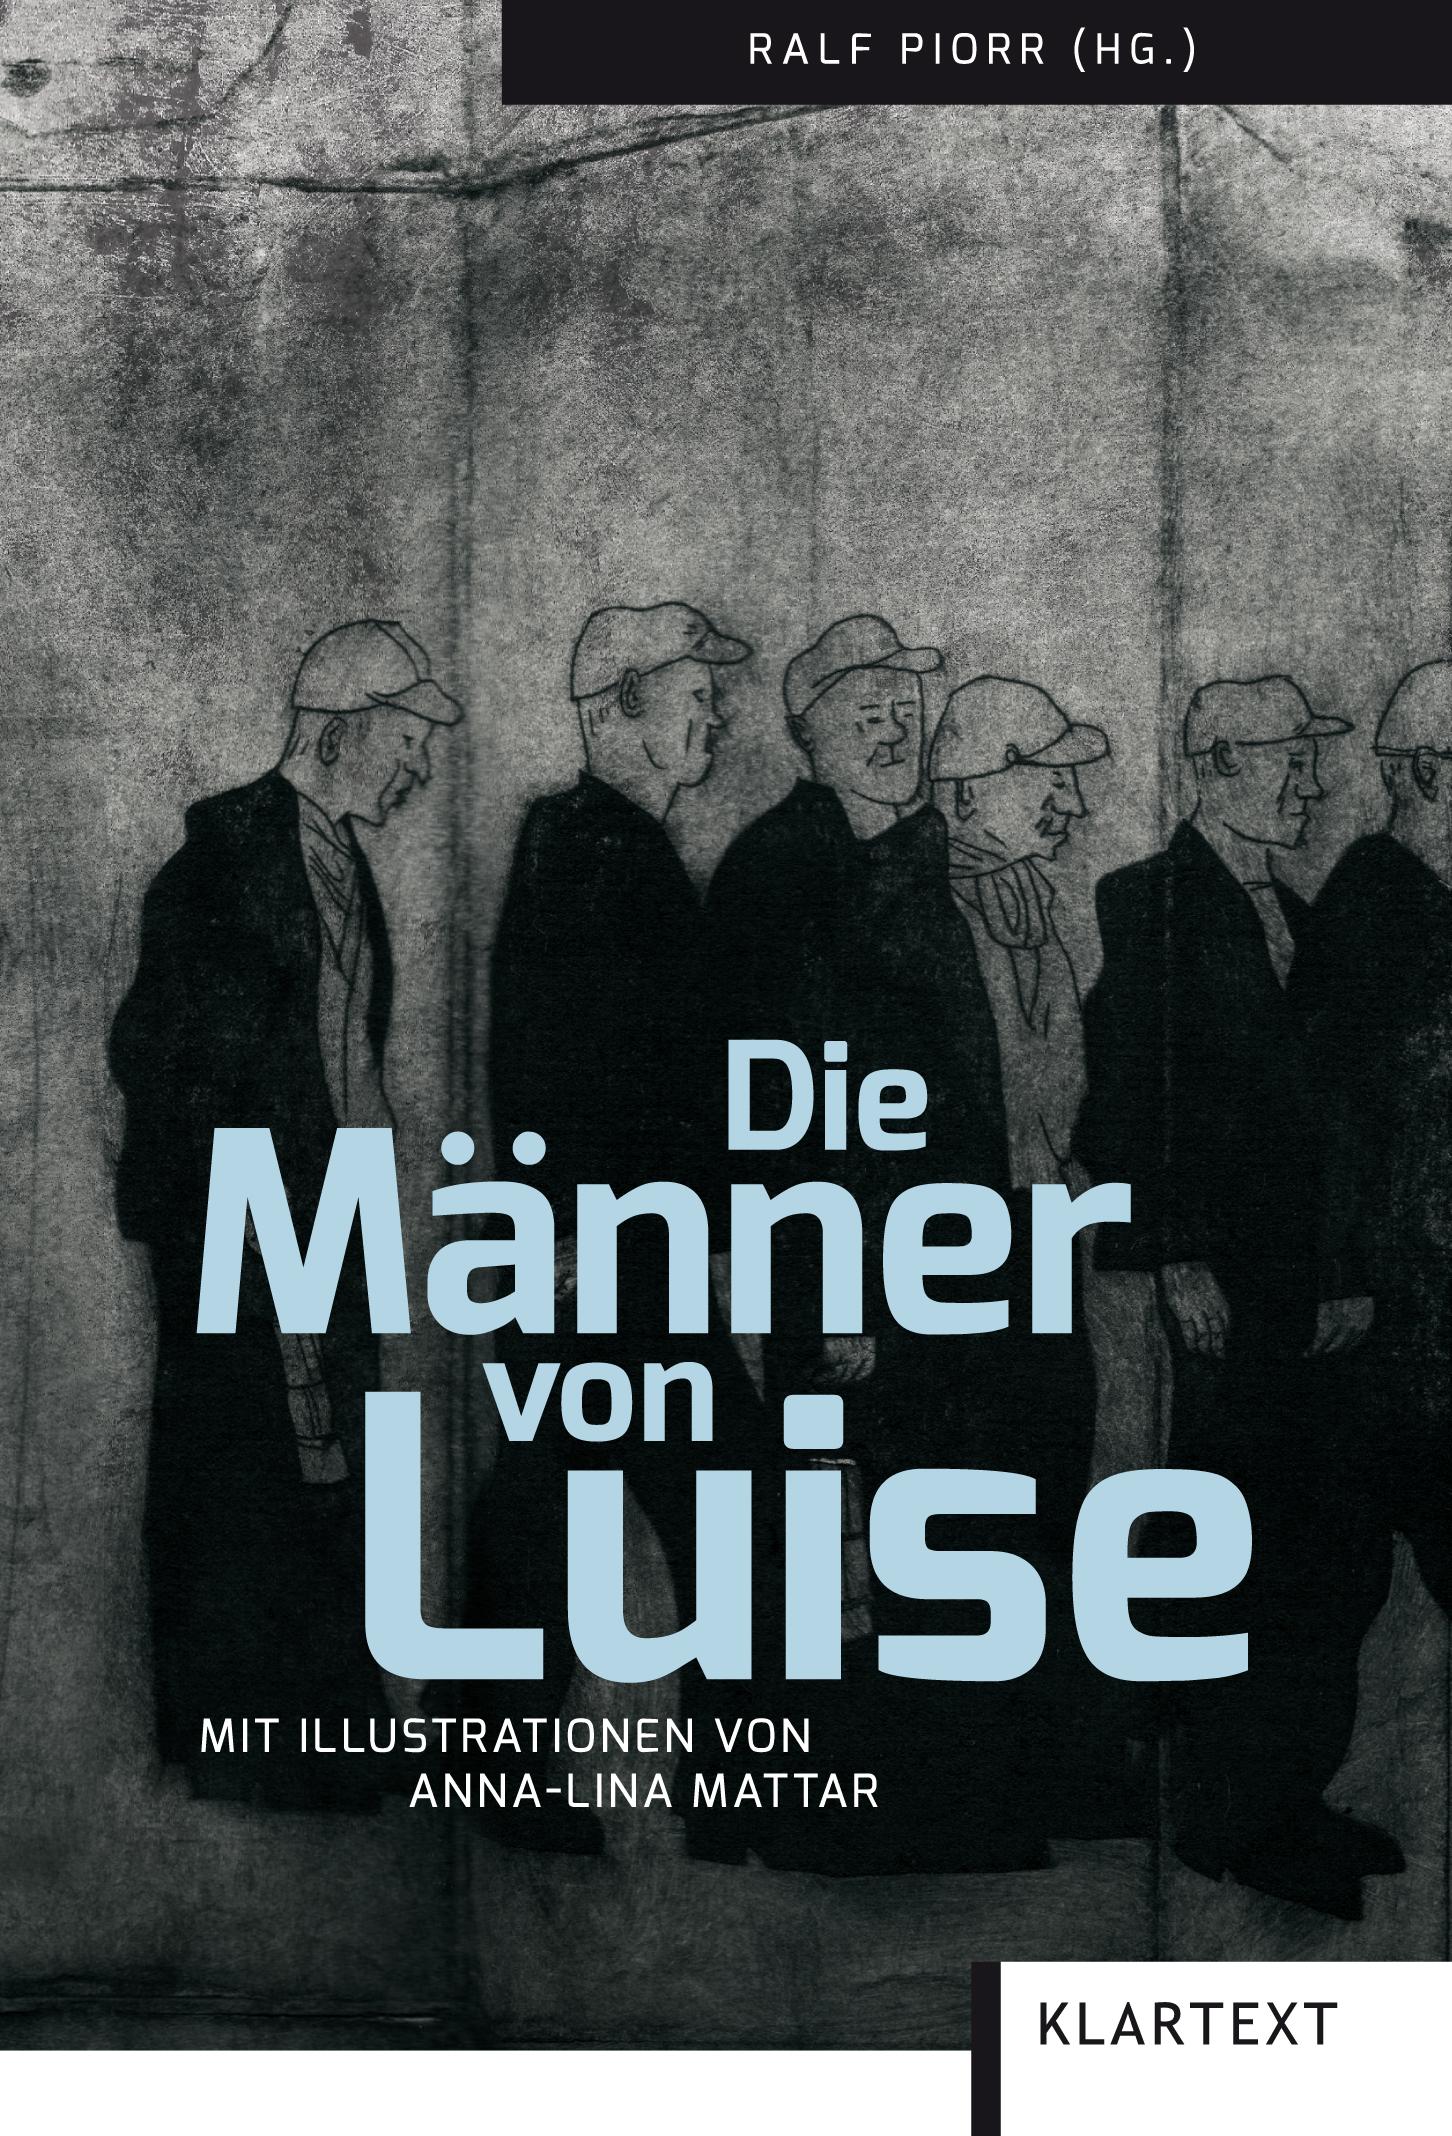 Die Maenner von  Luise_DRUCK (21)